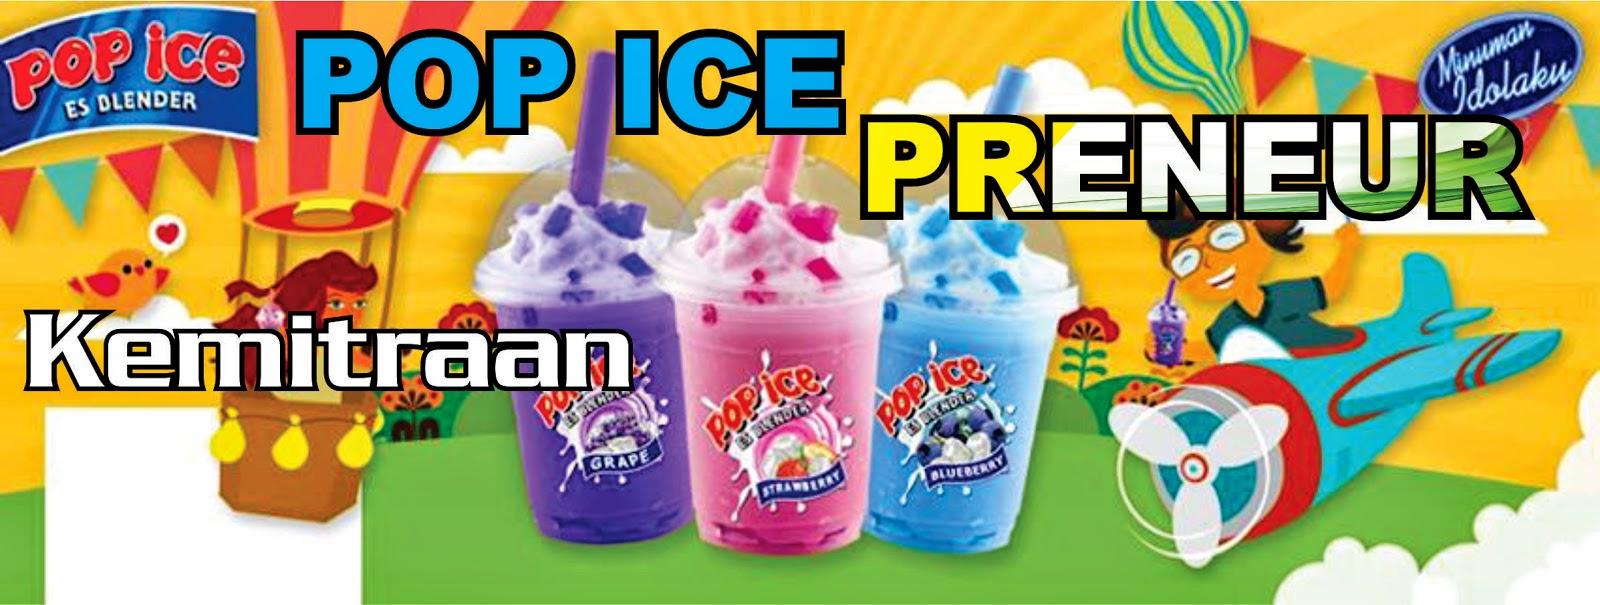 Lowongan Kerja di Pop Ice Preneur - Solo